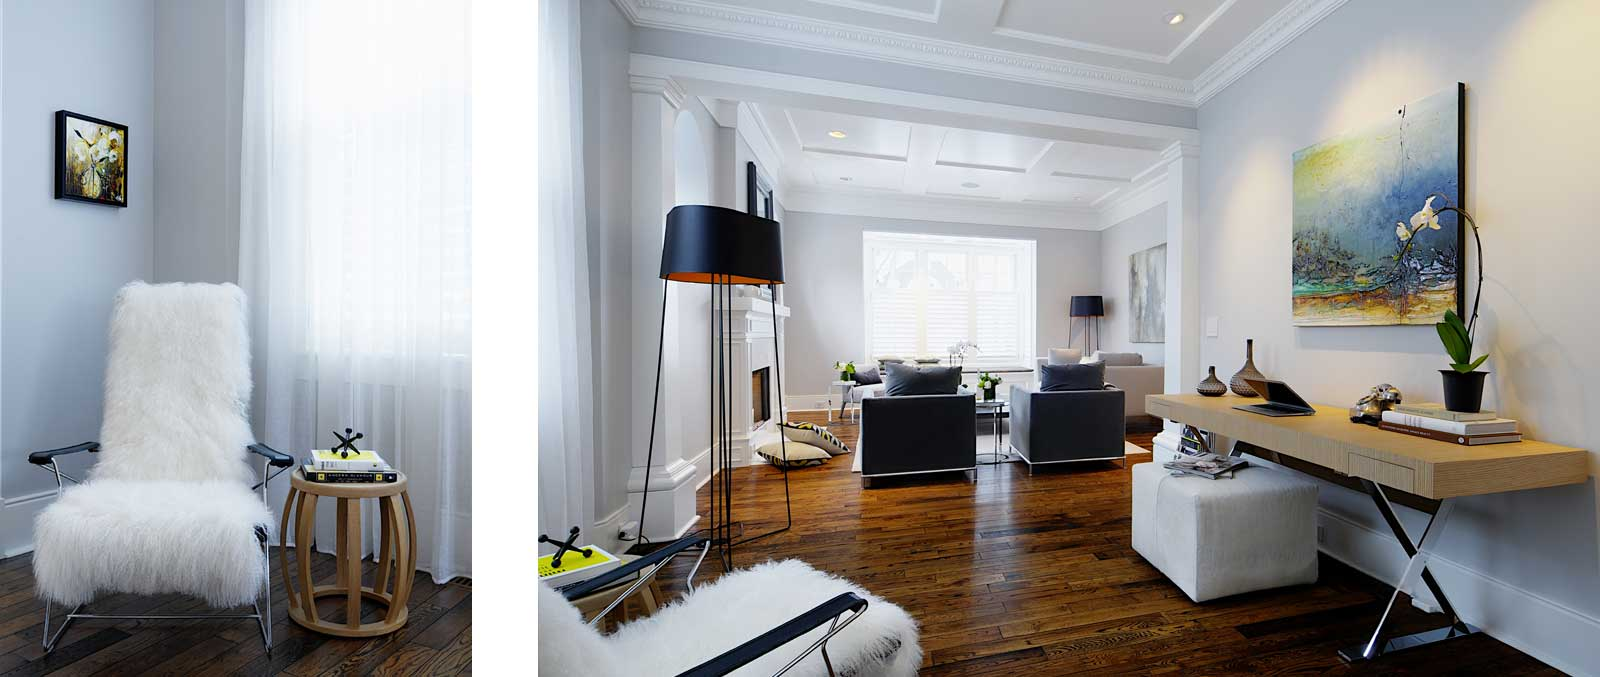 Riverdale Residence I   Calgary Interior Design